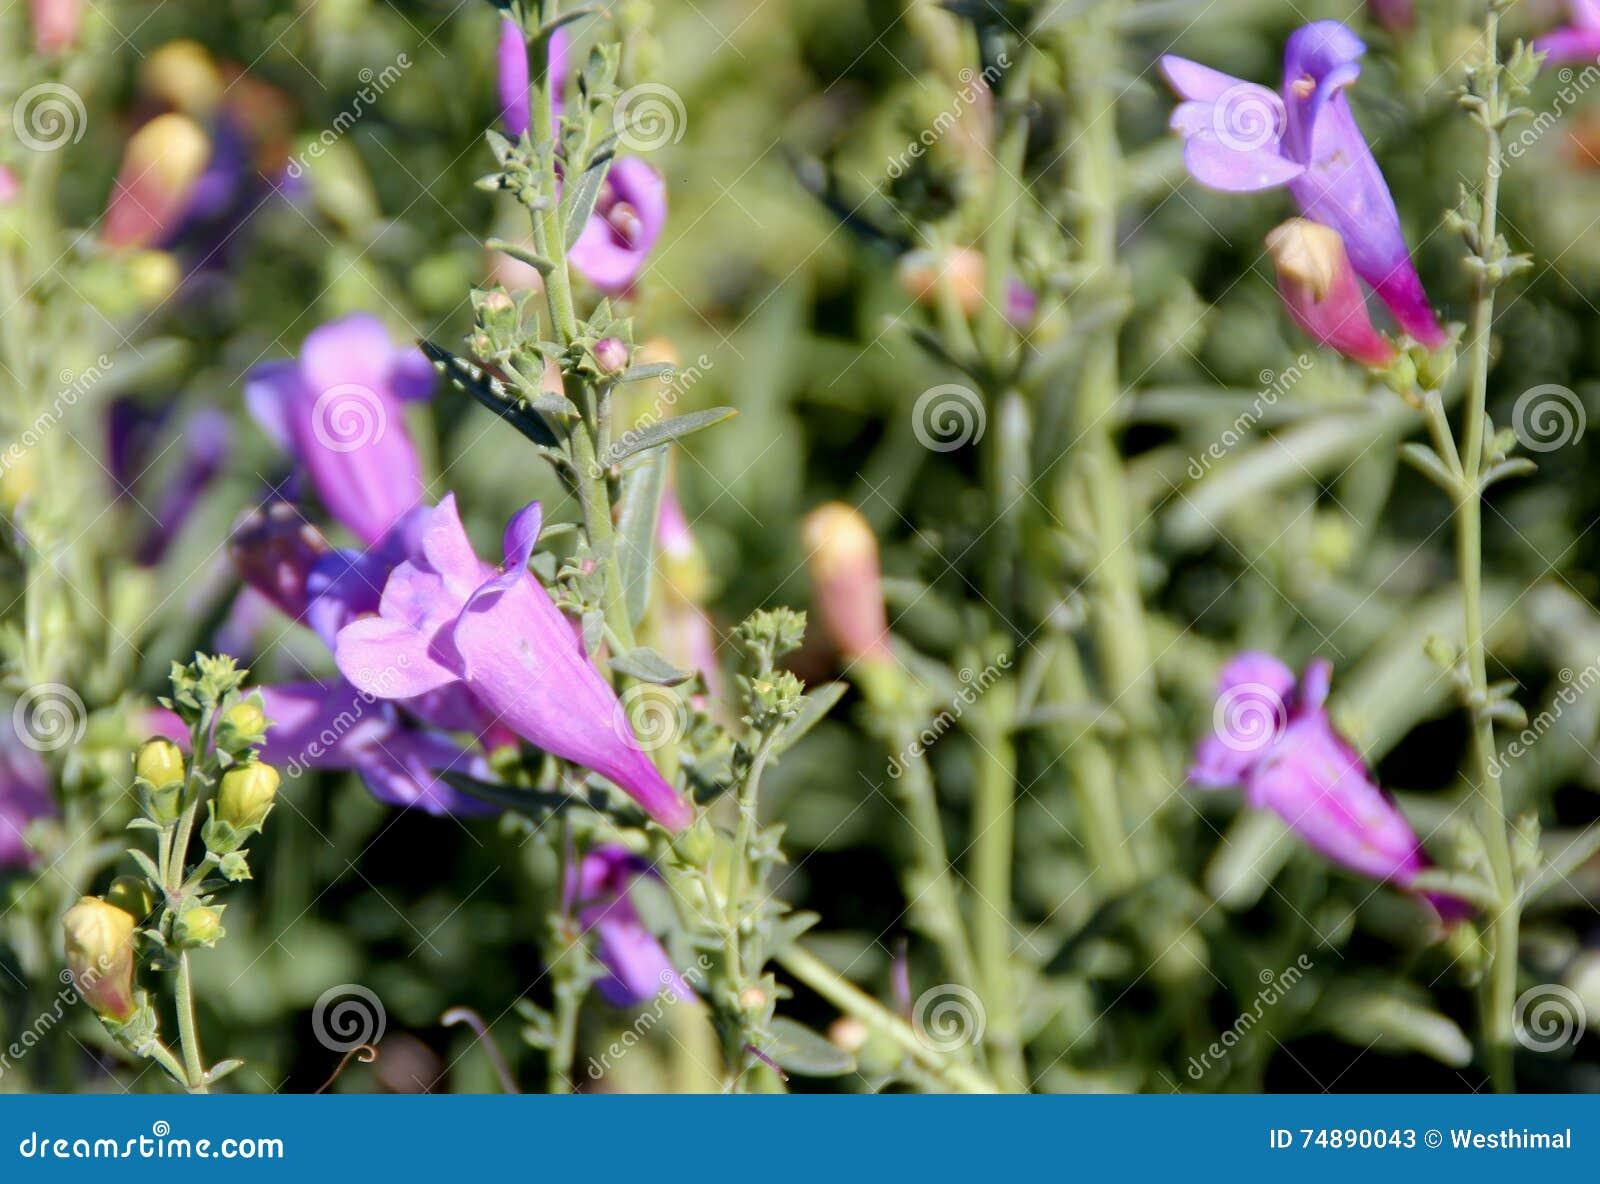 Penstemonheterophyllus  Margarita BOP , Blauwe Bedder